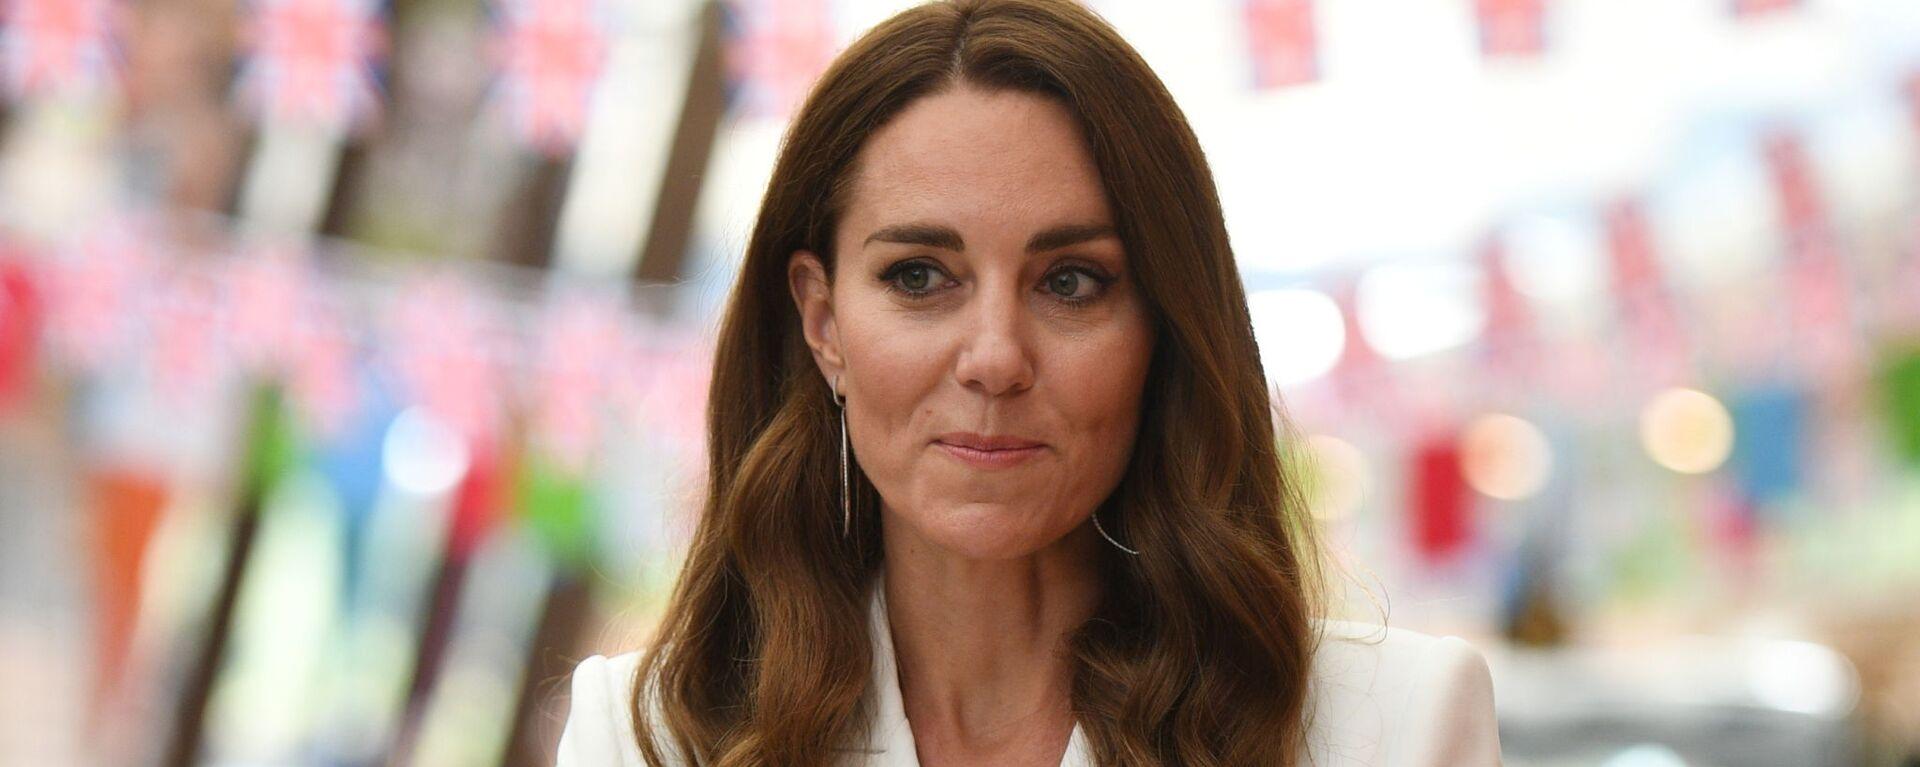 Vévodkyně z Cambridge Kate Middletonová - Sputnik Česká republika, 1920, 02.07.2021